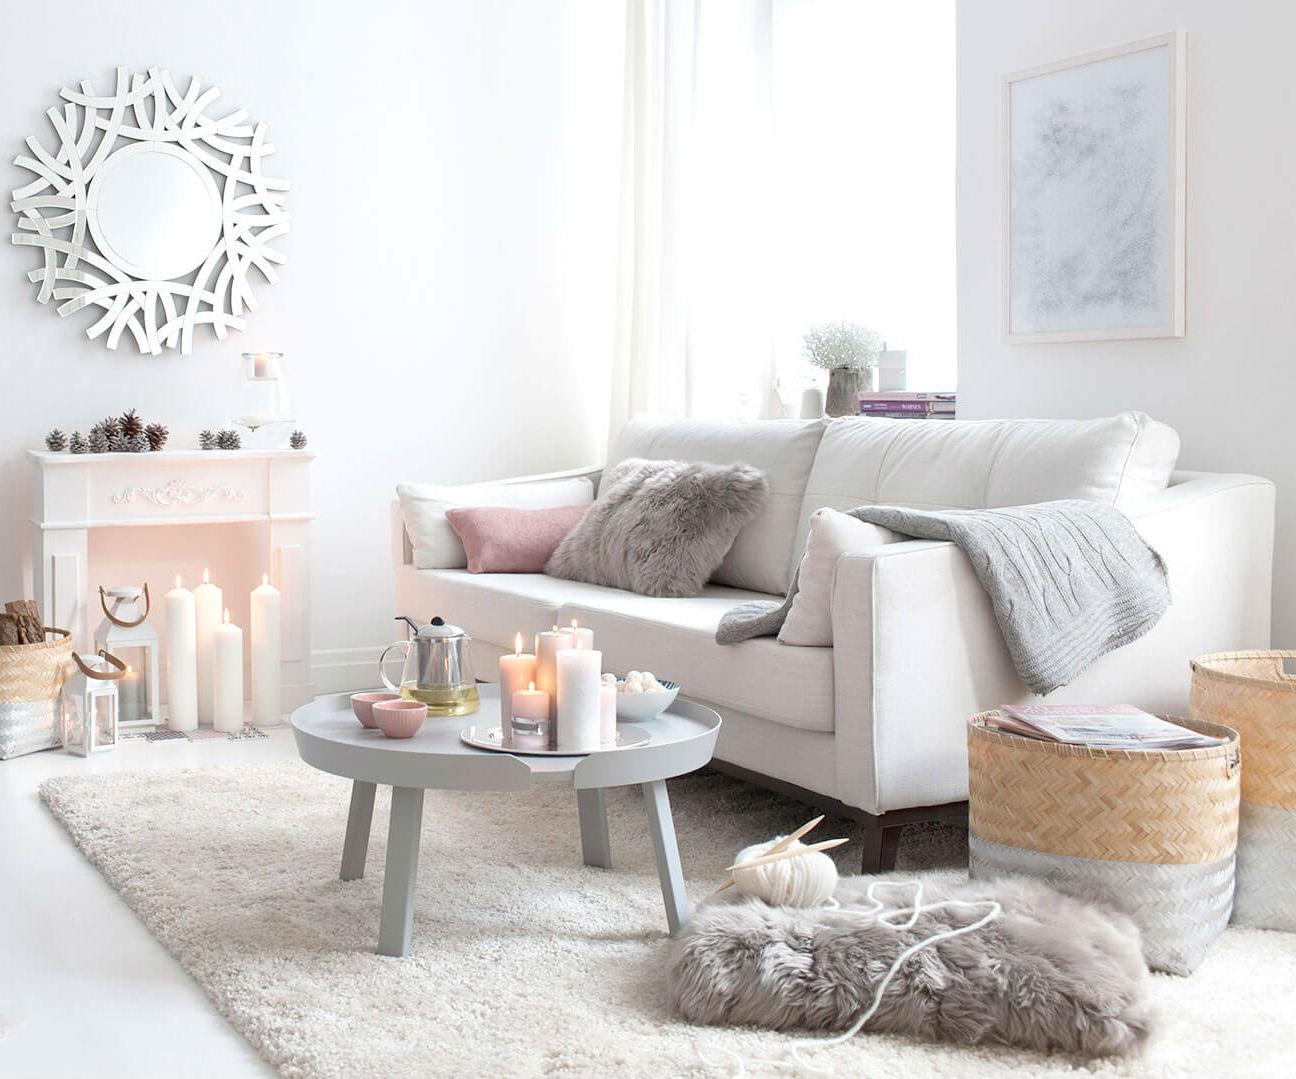 Dalani-Cozy-Stile-Living-Ispirazioni-Colori-Idee